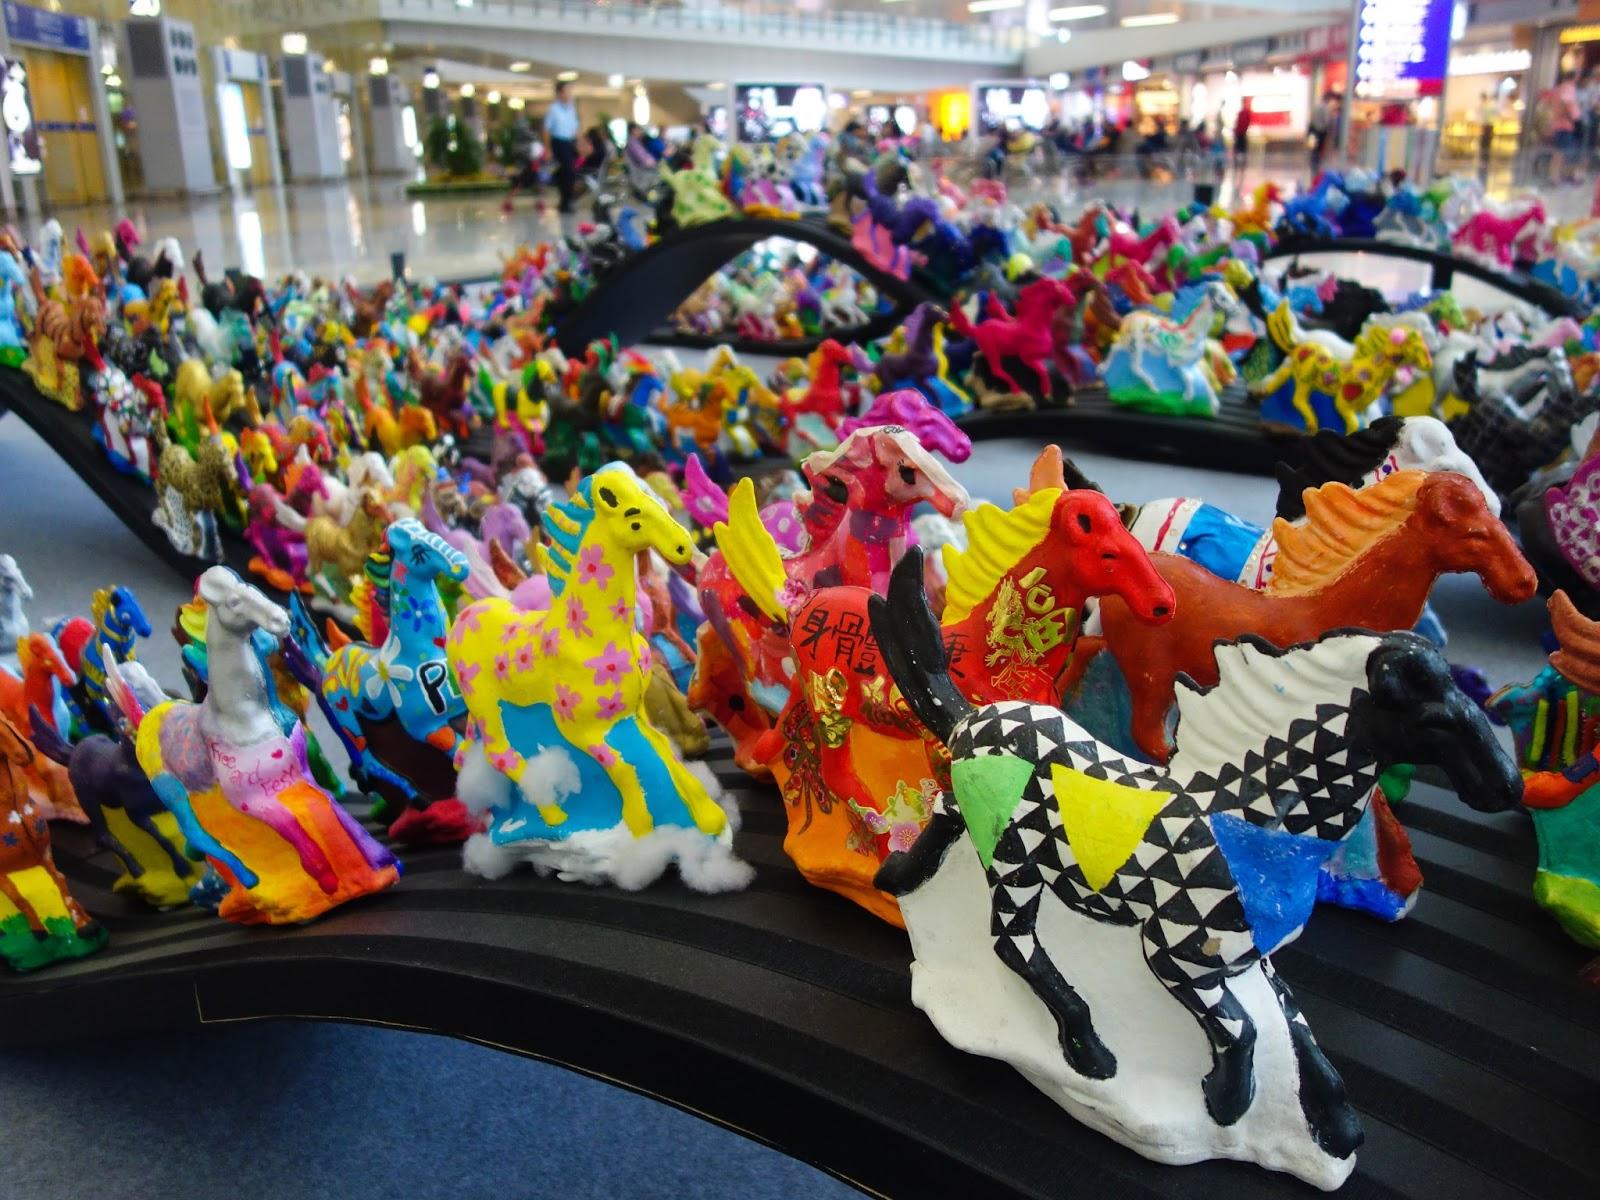 Galloping Horses Hong Kong Airport